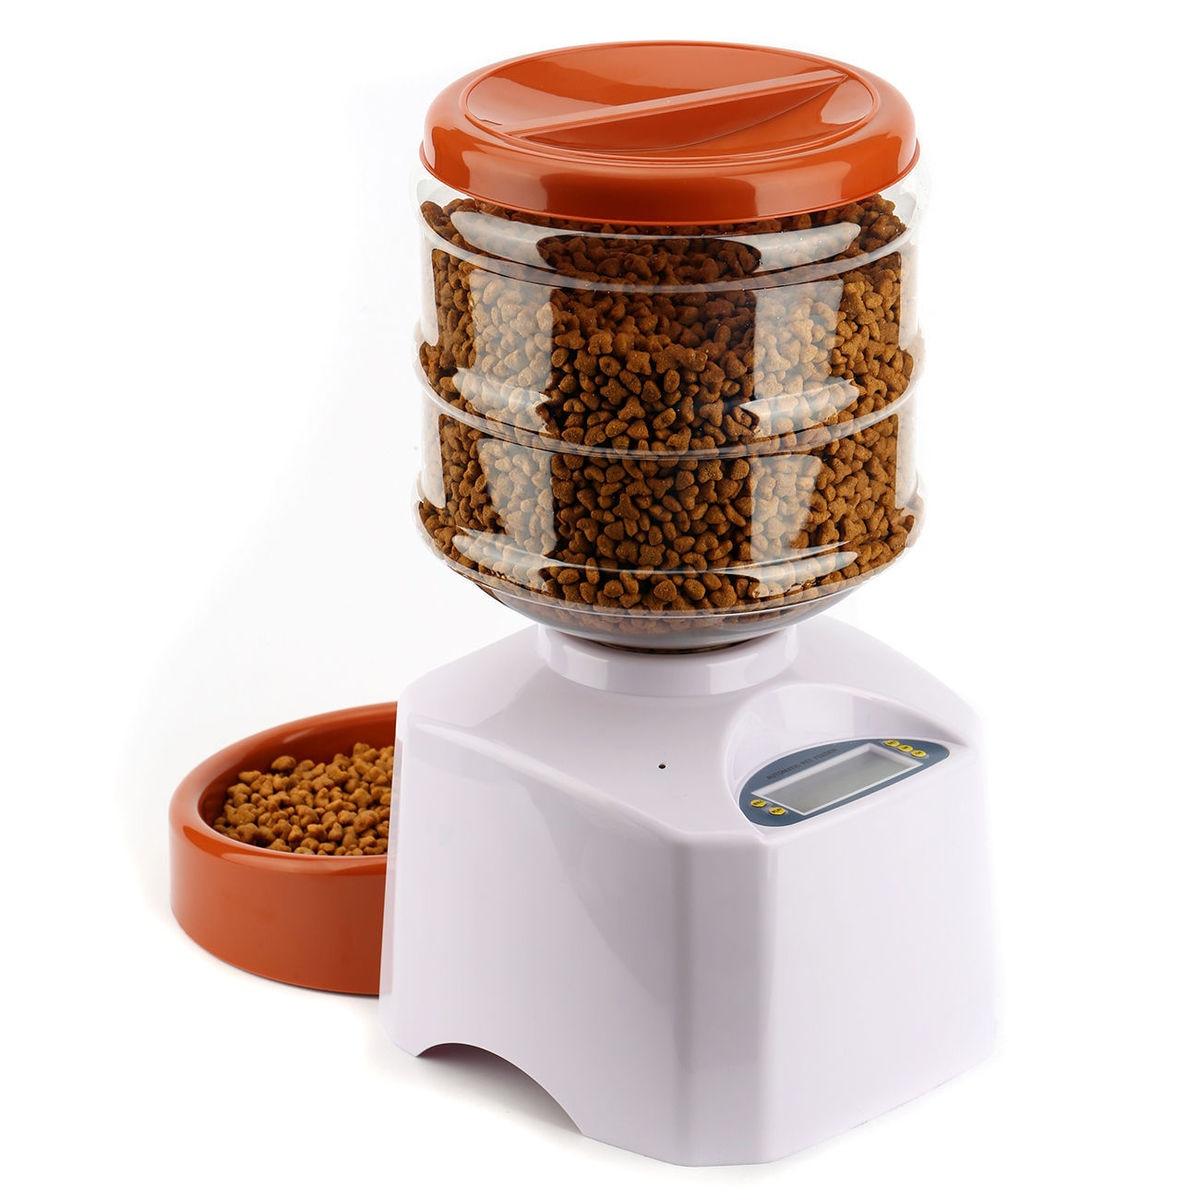 5.5L Programmé bol automatique pour animal de compagnie LED Écran D'affichage Intelligent Chien Chat Nourriture Bol Distributeur Pet dinner Machine CW117